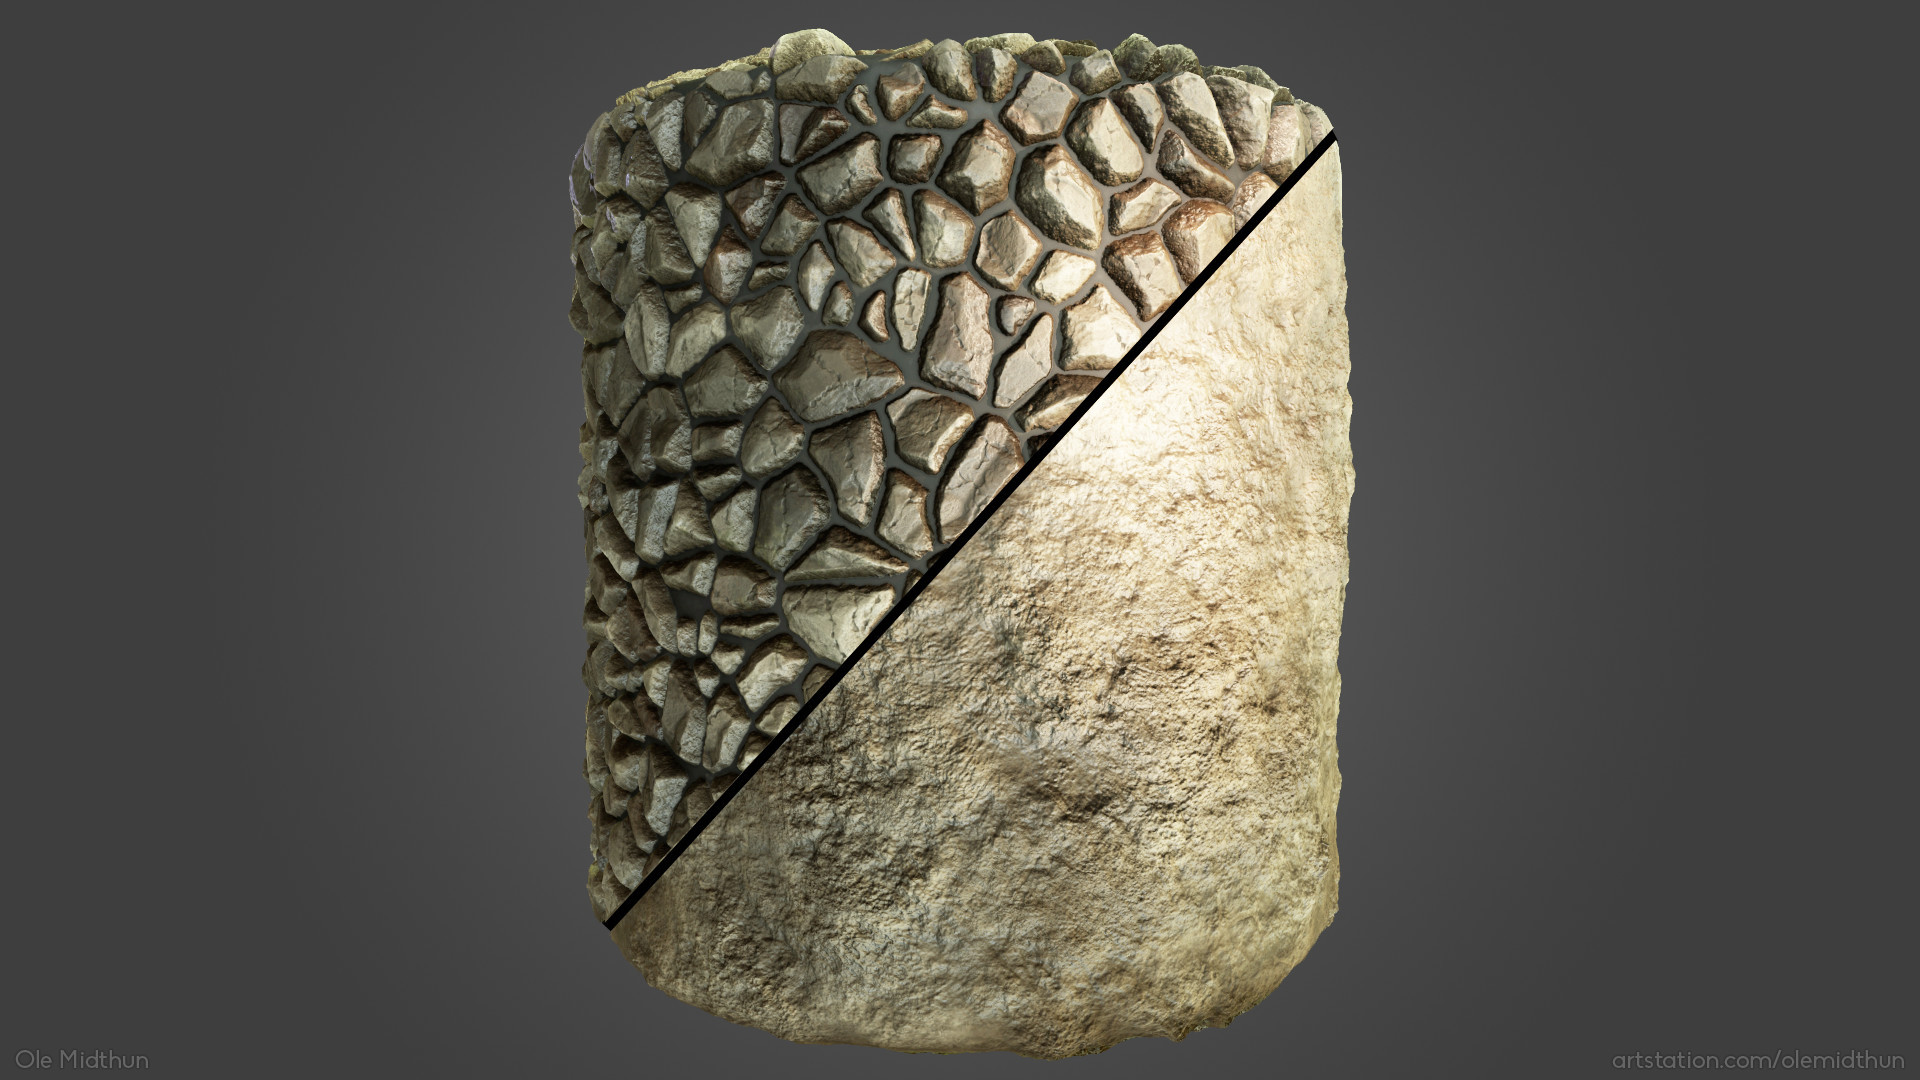 Ole midthun stone wall 203